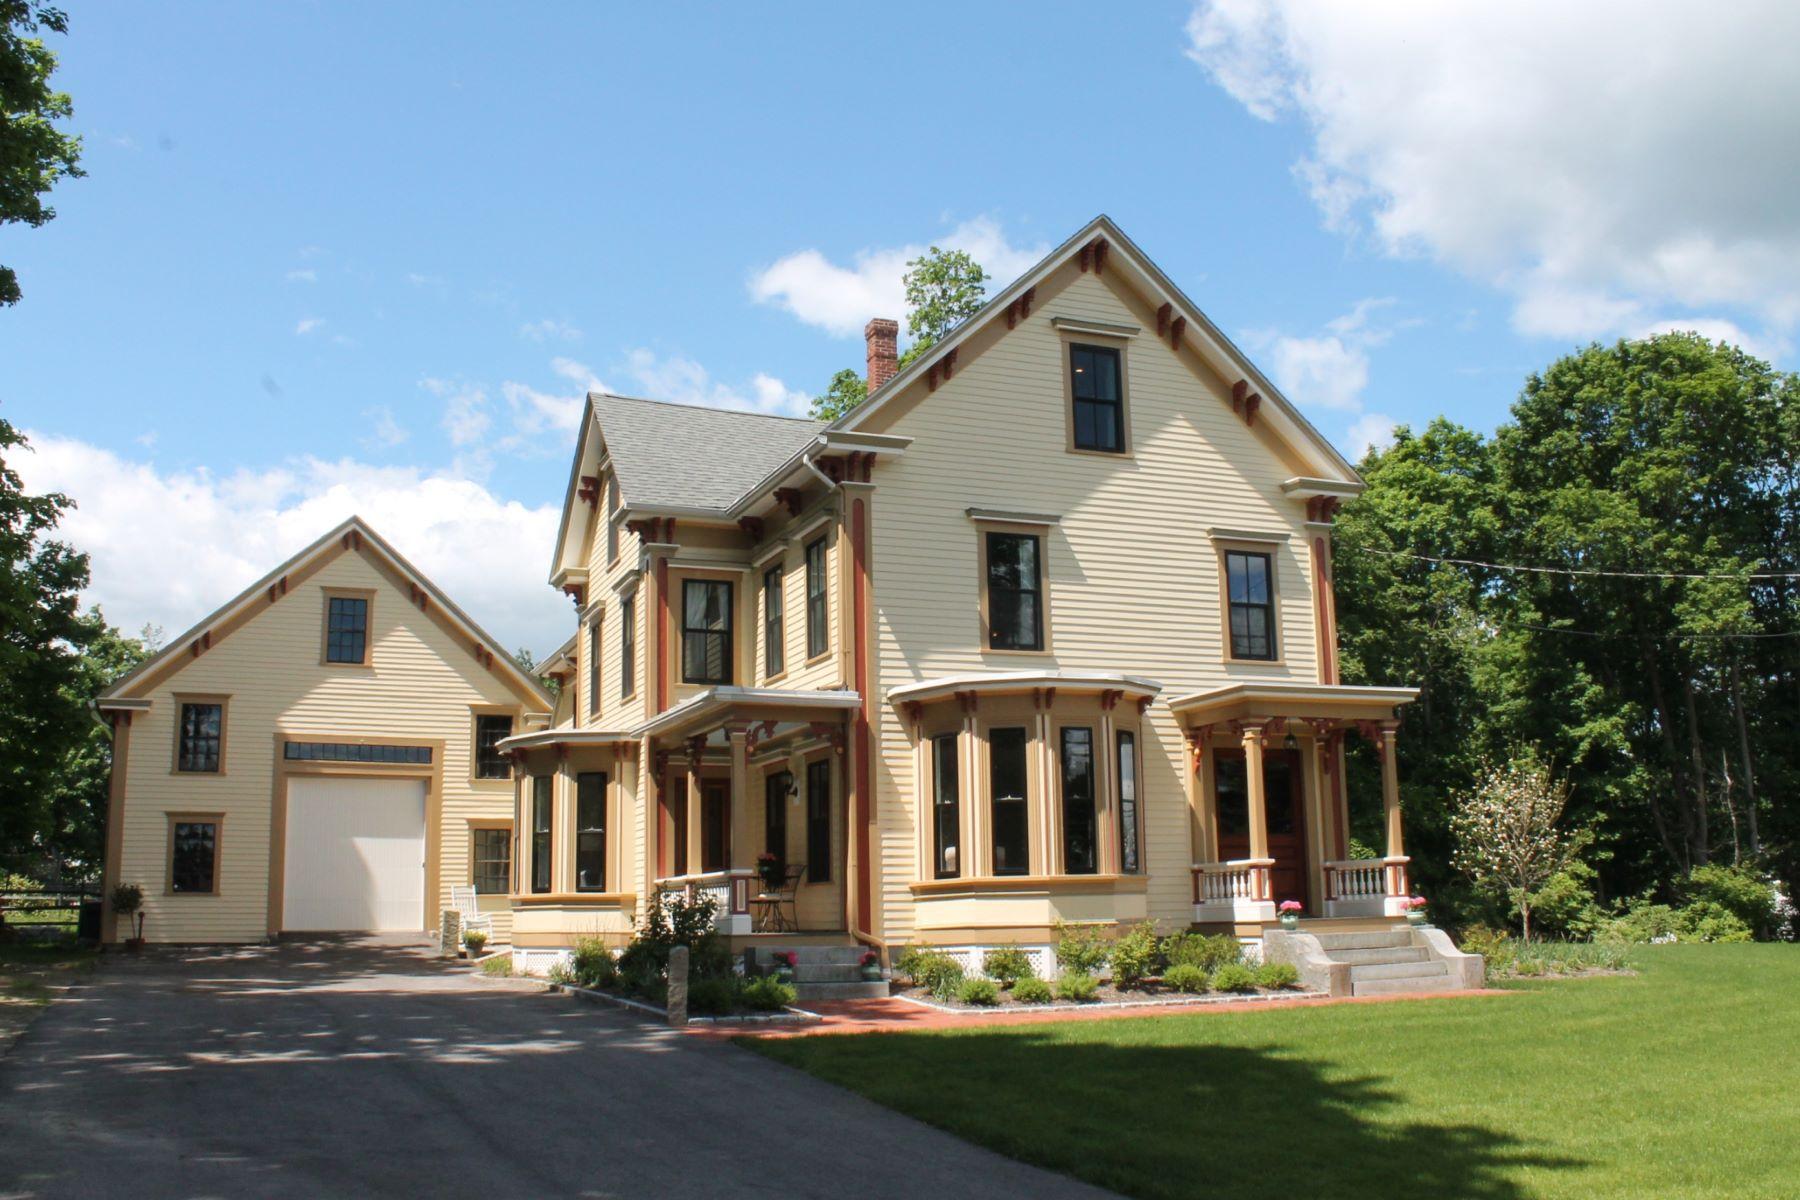 Частный односемейный дом для того Продажа на Meticulously Restored and Renovated! 4 Graniteville Road Westford, Массачусетс, 01886 Соединенные Штаты